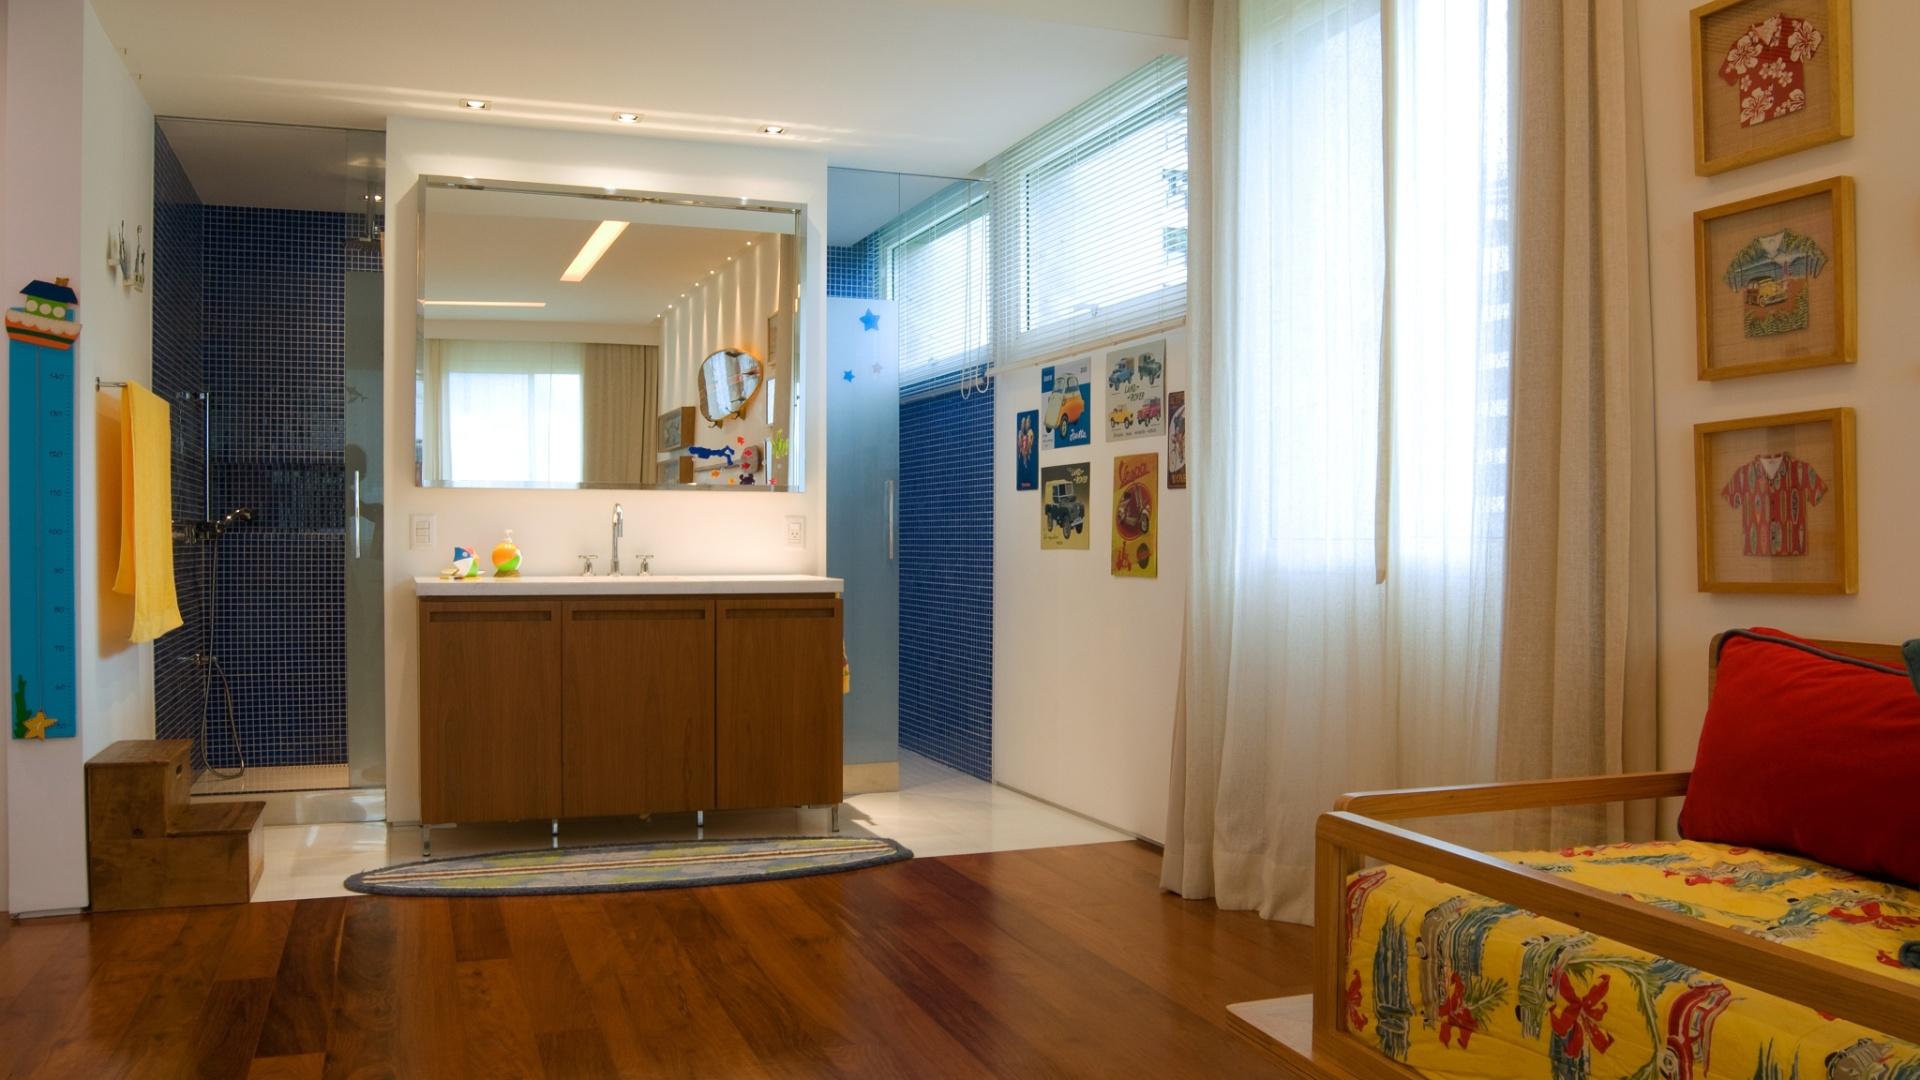 suíte do filho do casal proprietário onde as áreas do banheiro e do  #6B3610 1920x1080 Banheiro Da Suite Do Casal